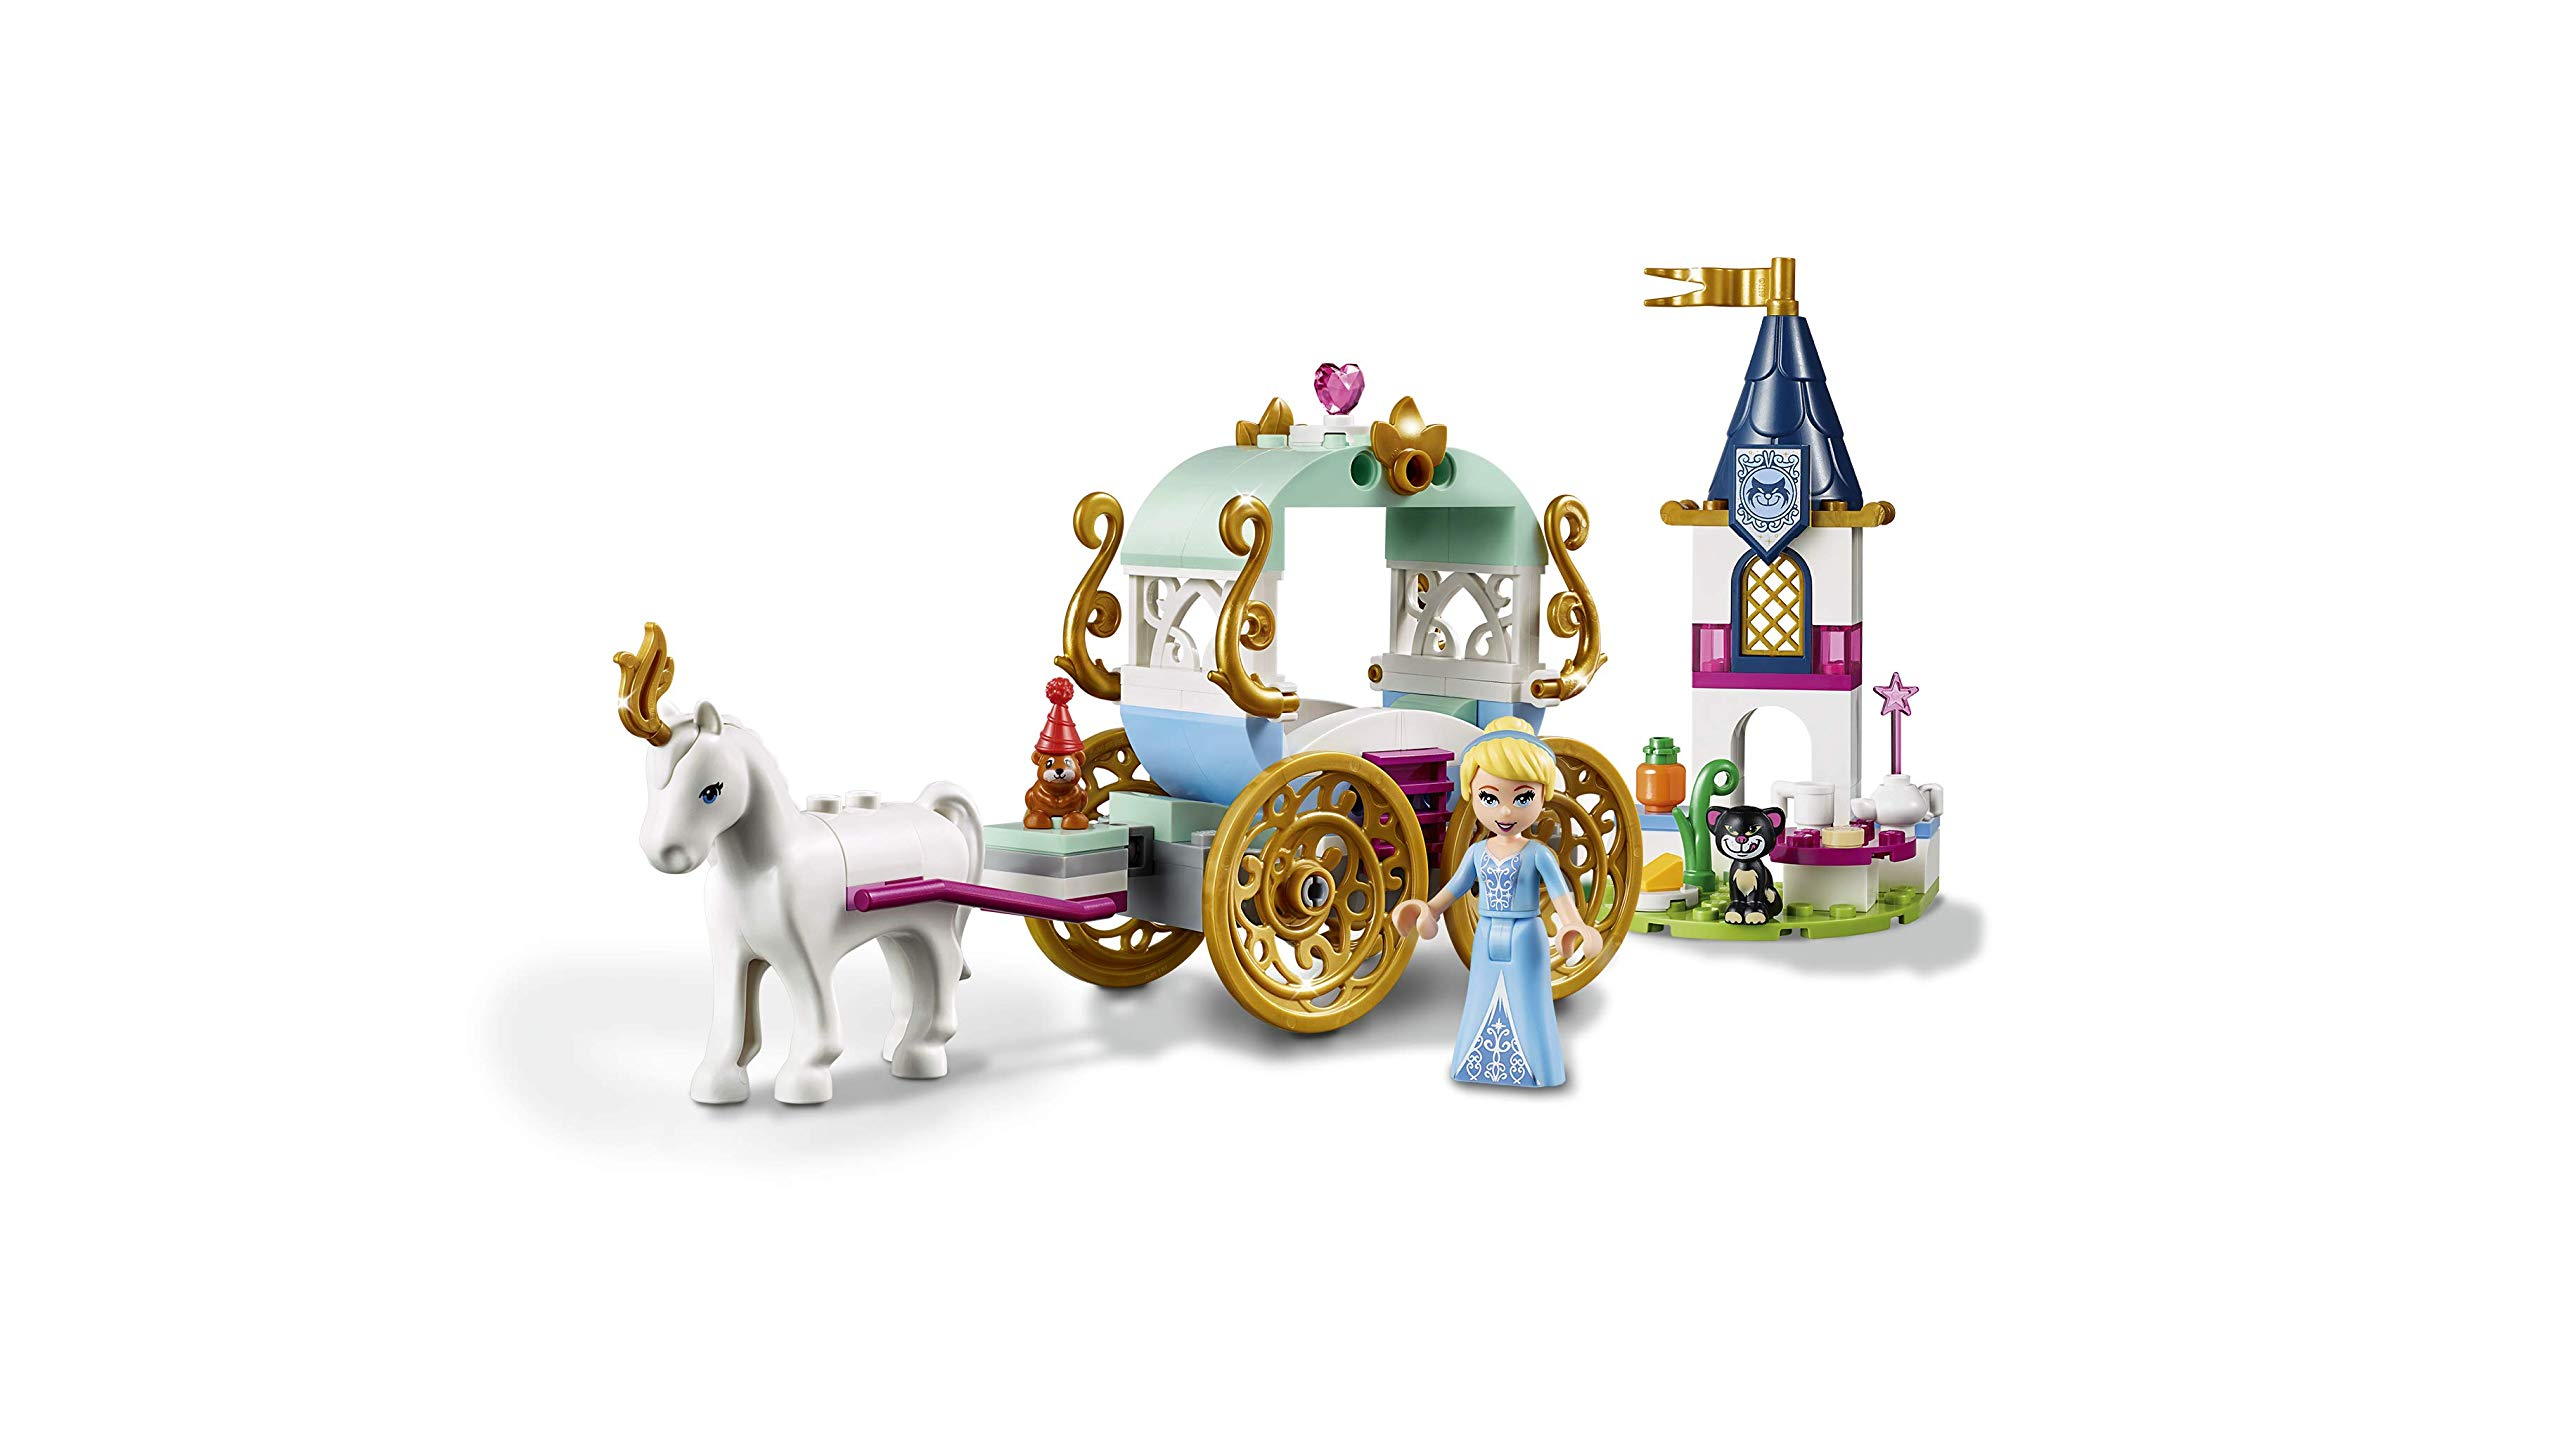 Lego-Disney-Princess-Il-Giro-in-Carrozza-di-Cenerentola-Gioco-per-Bambini-Colore-Vari-41159